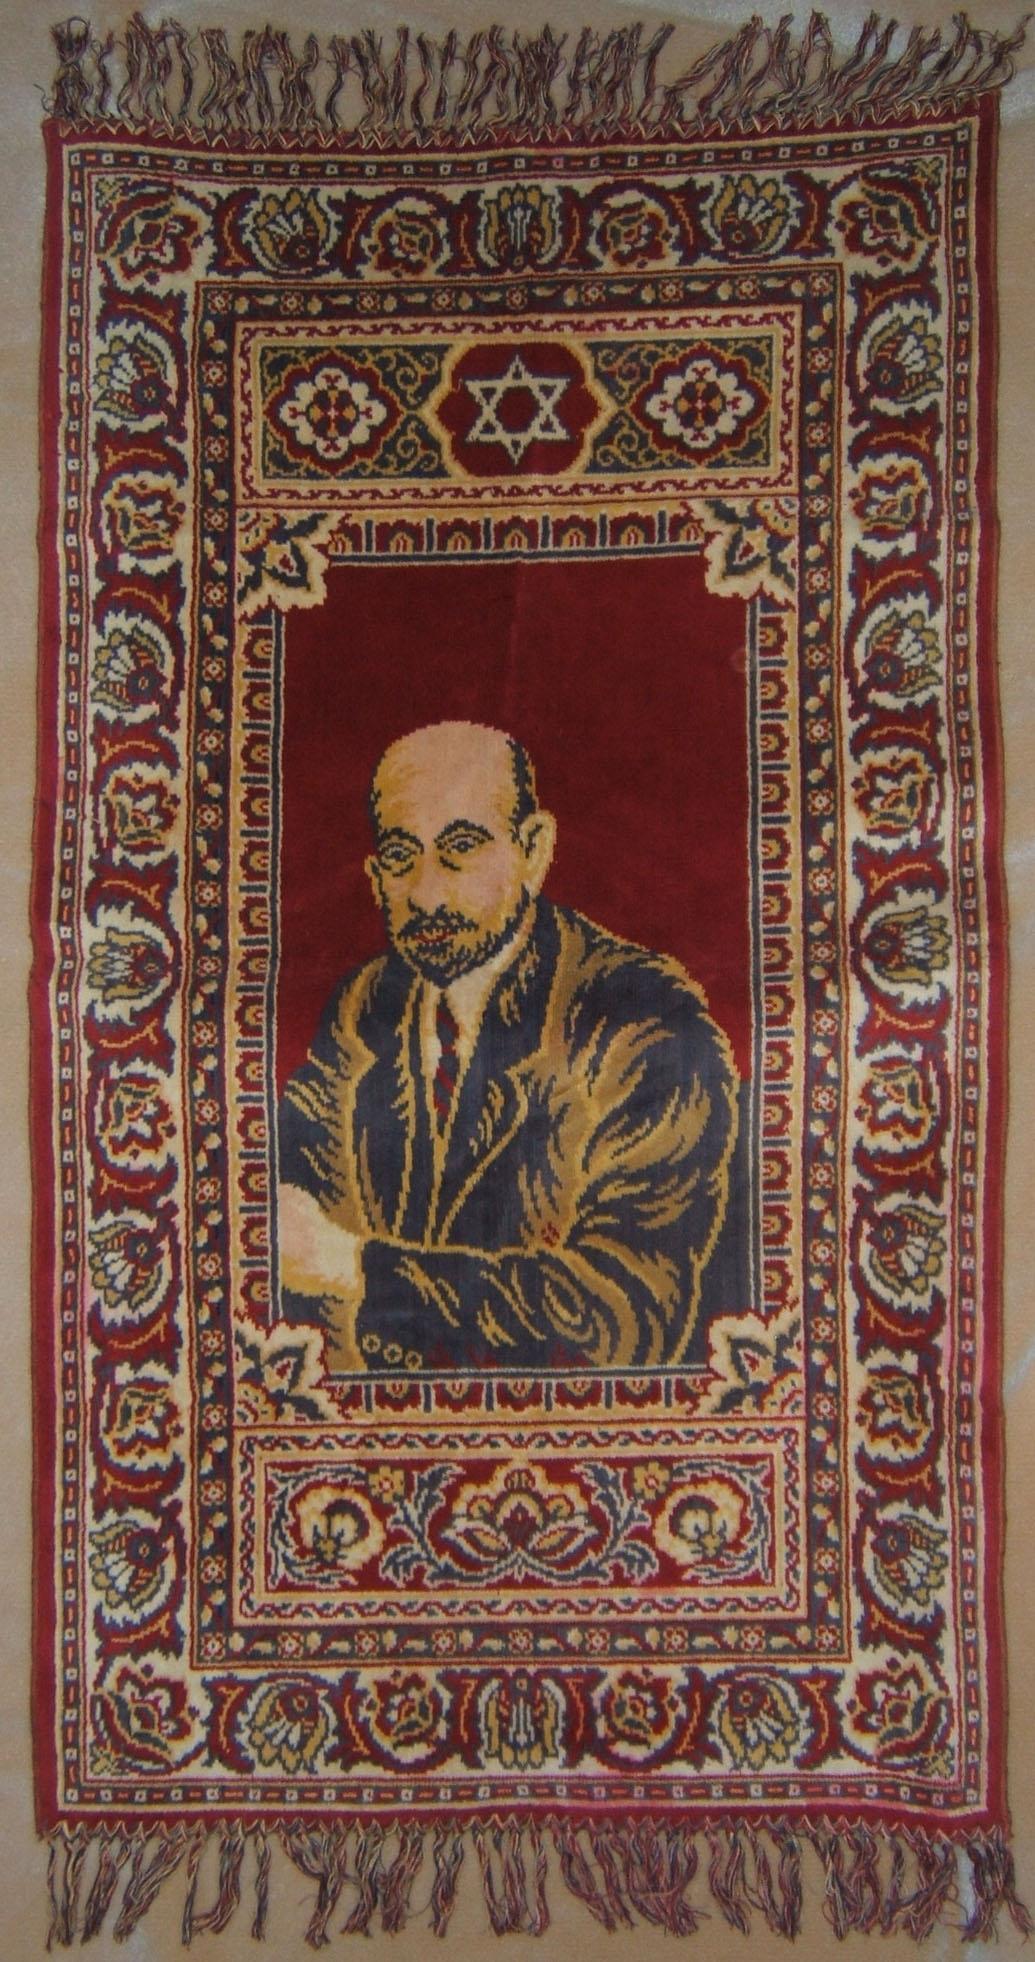 שטיח ציוני תוצרת ב